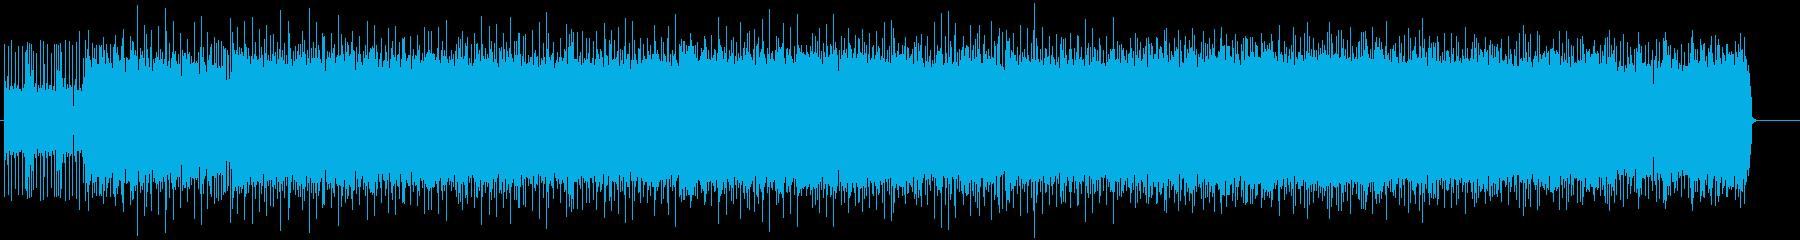 ワイルドなアメリカン・ハード・ロックの再生済みの波形